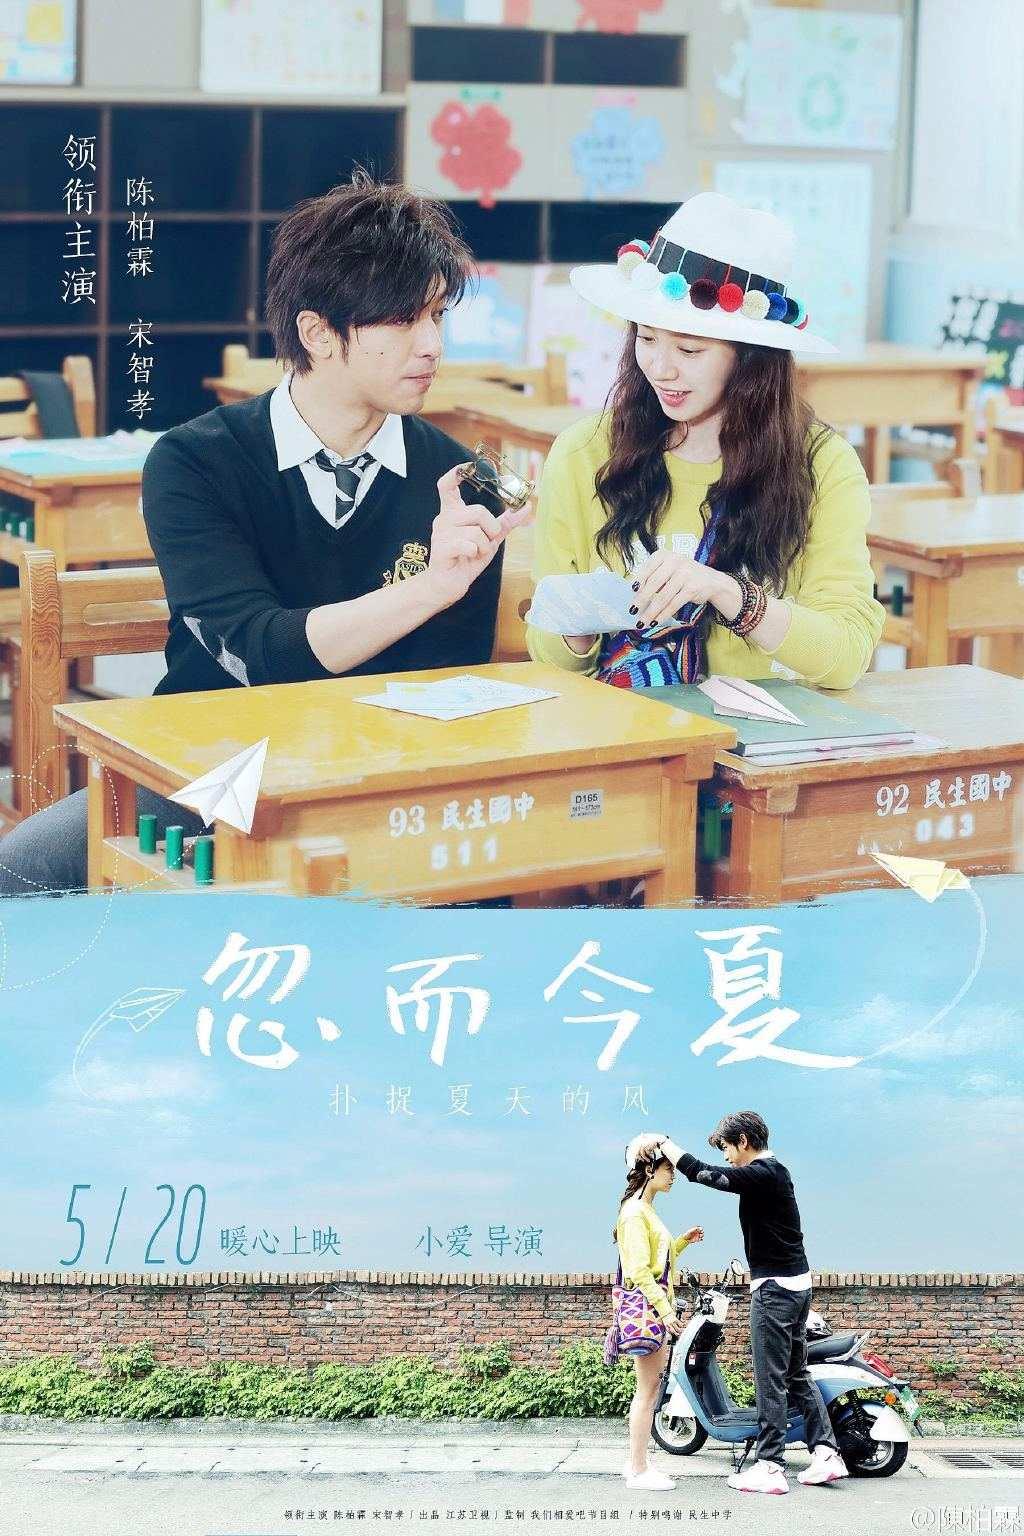 不過前陣子周一情侶之間出現了第三者!宋智孝和以「大仁哥」一角紅遍韓國的陳柏霖,出演了中國實境秀《我們相愛吧》第2季,在節目被稱為「橙汁(陳智)CP」。